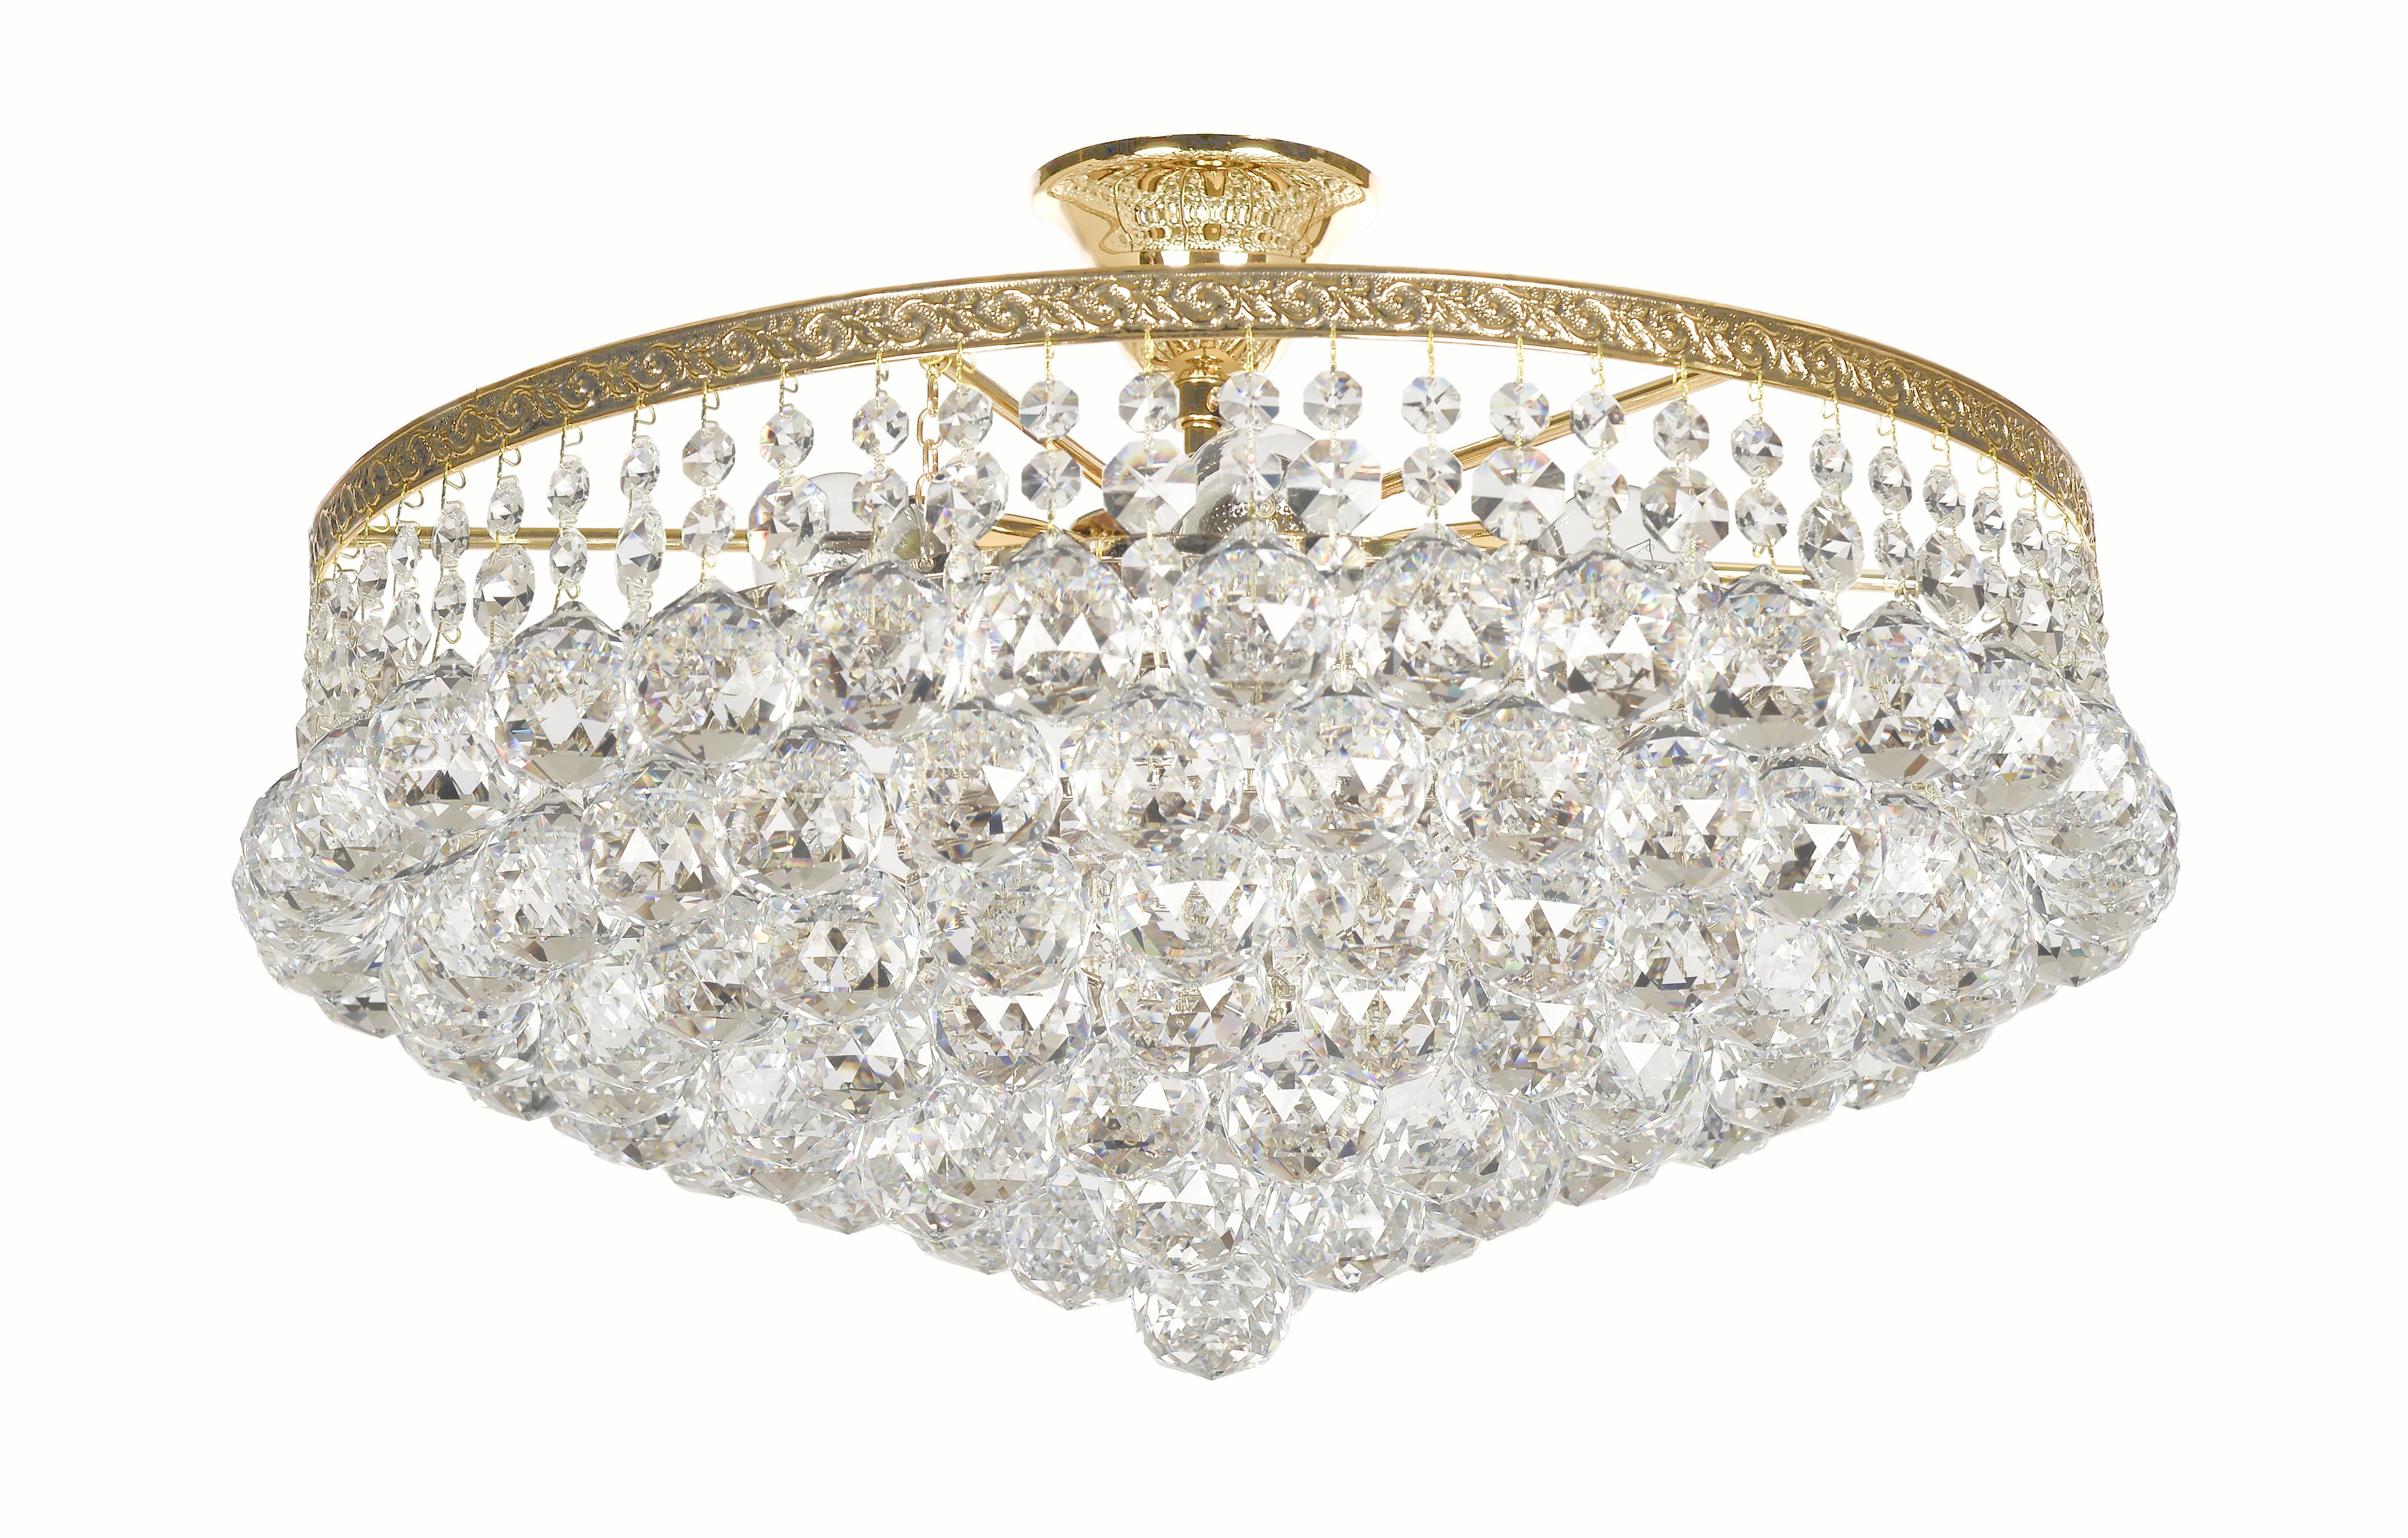 Люстра Arti lampadariЛюстры<br>Назначение светильника: для комнаты,<br>Стиль светильника: классика,<br>Материал плафона: стекло, хрусталь,<br>Материал арматуры: металл,<br>Диаметр: 250,<br>Высота: 460,<br>Количество ламп: 6,<br>Тип лампы: накаливания,<br>Мощность: 60,<br>Патрон: Е27,<br>Цвет арматуры: золото<br>